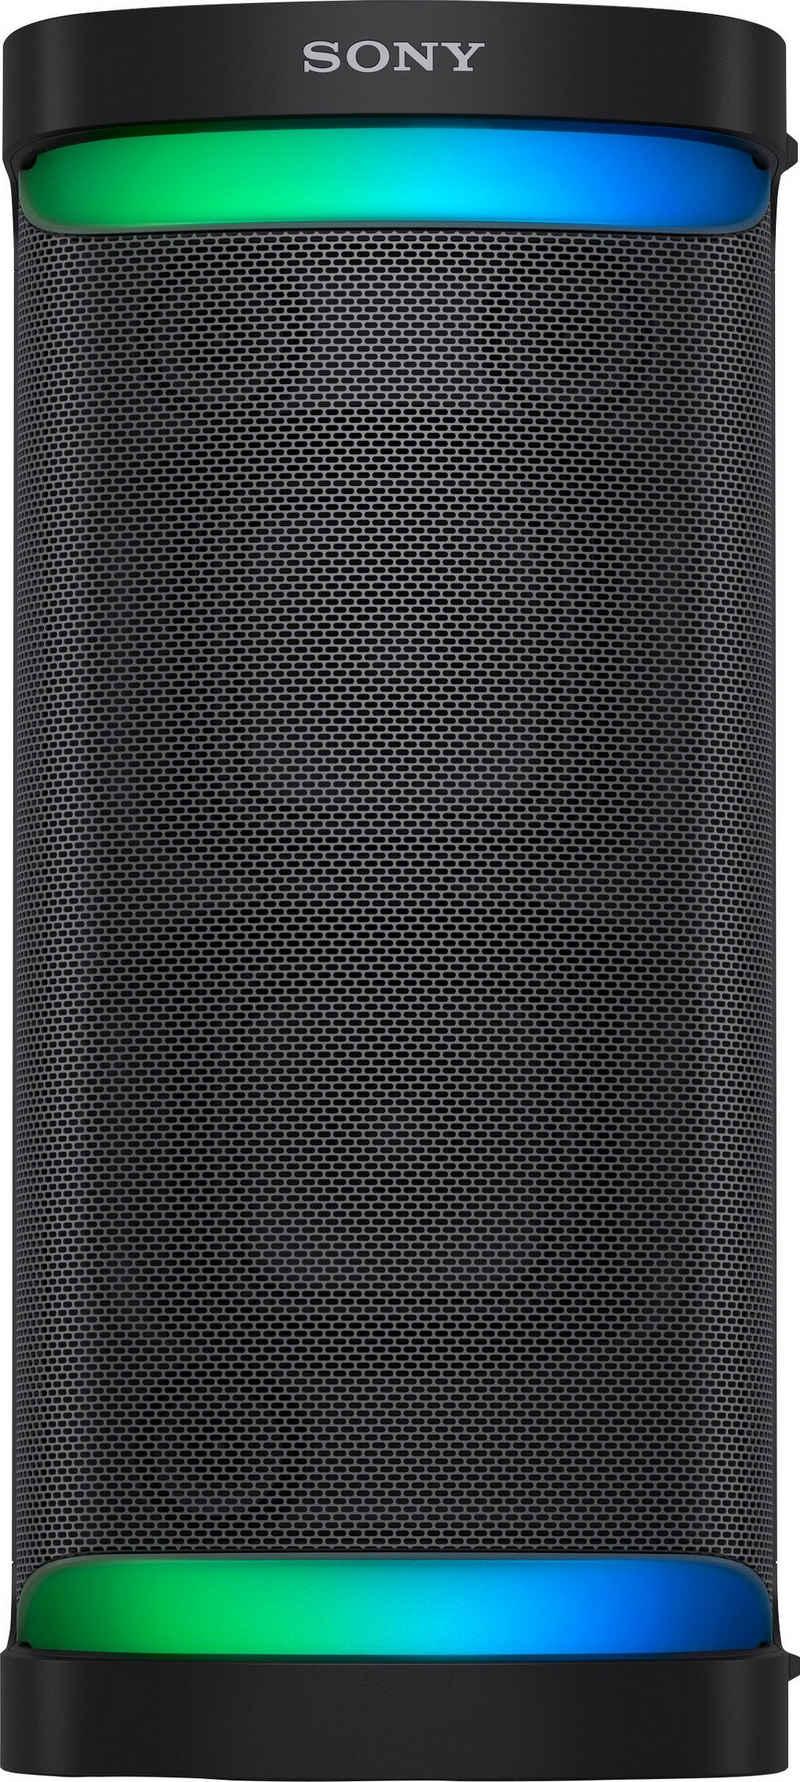 Sony SRS-XP700 Bluetooth-Lautsprecher (A2DP Bluetooth, Bluetooth)